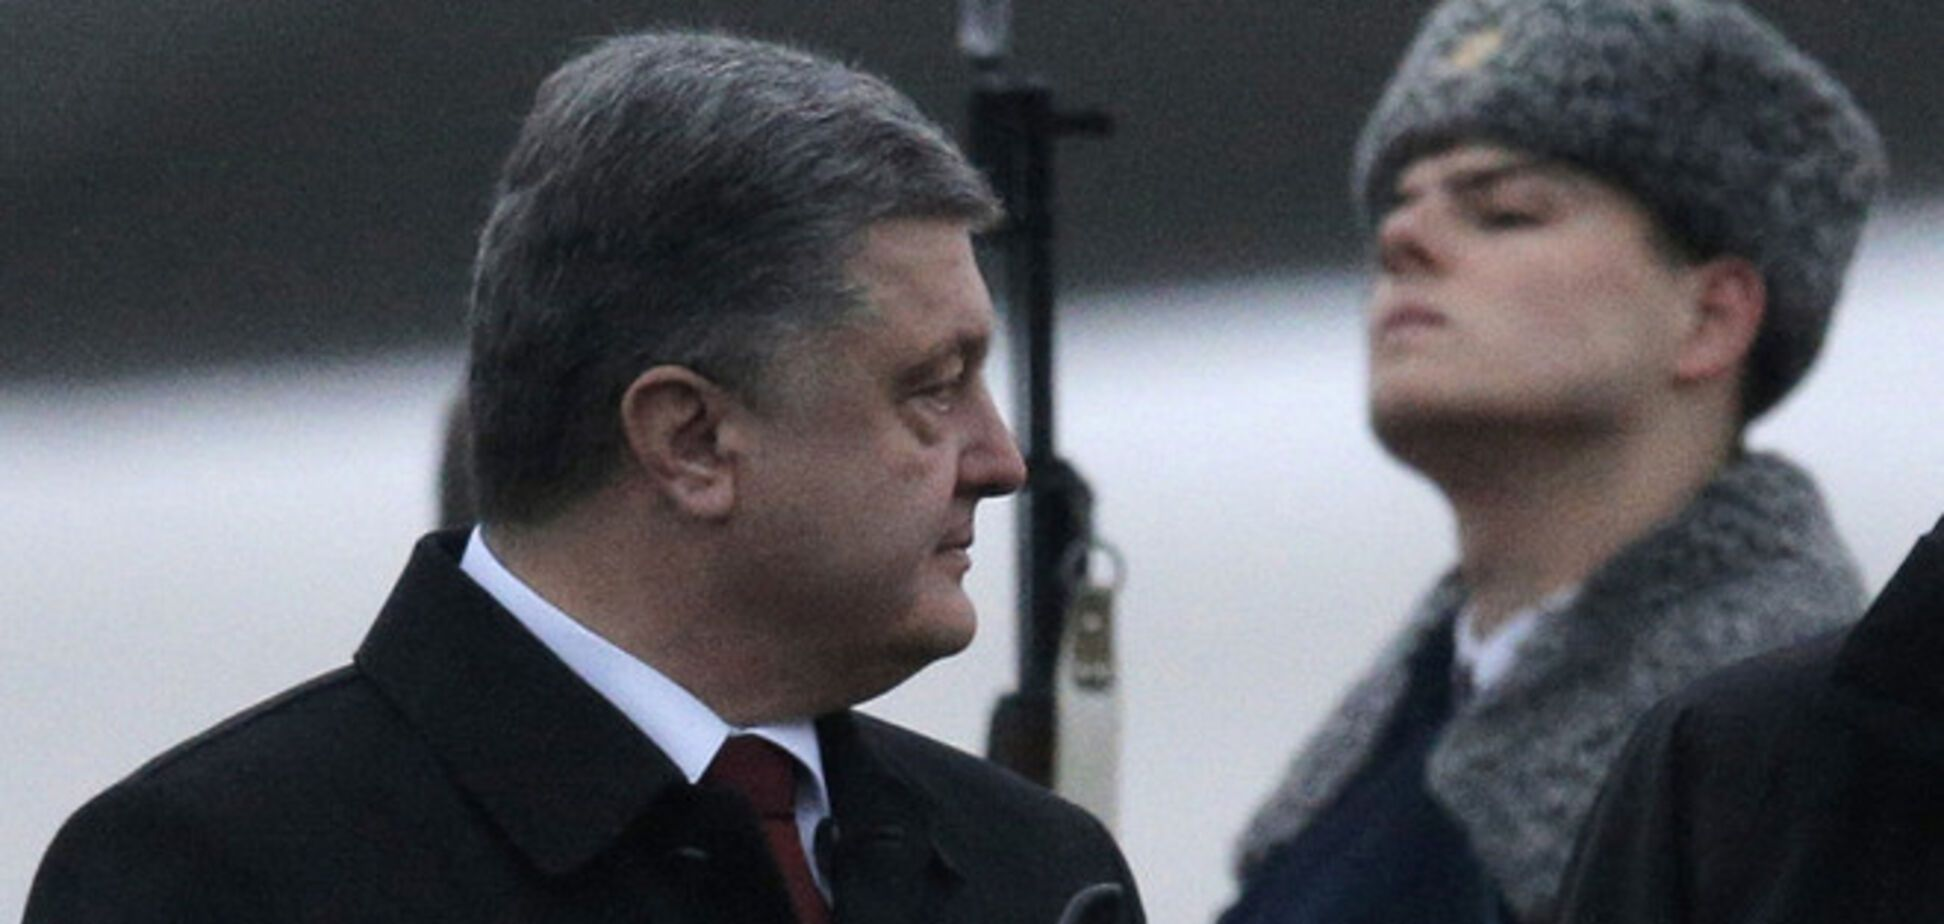 Если не будет достигнуто согласие, то 'ситуация пойдет вразнос' – Порошенко в Минске